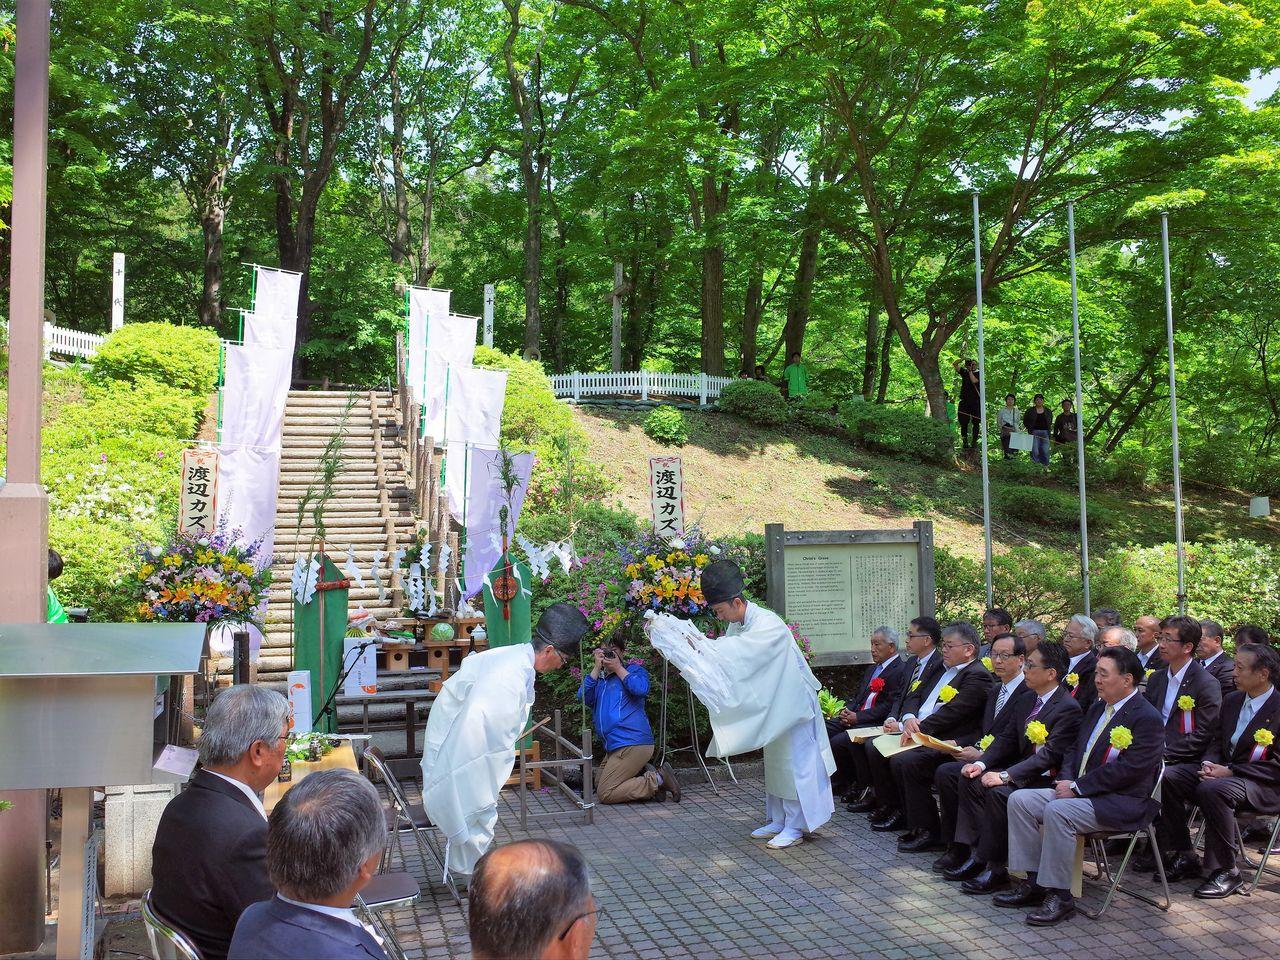 Le Festival du Christ a lieu tous les ans en été (avec l'aimable autorisation d'Okamoto Ryôsuke).